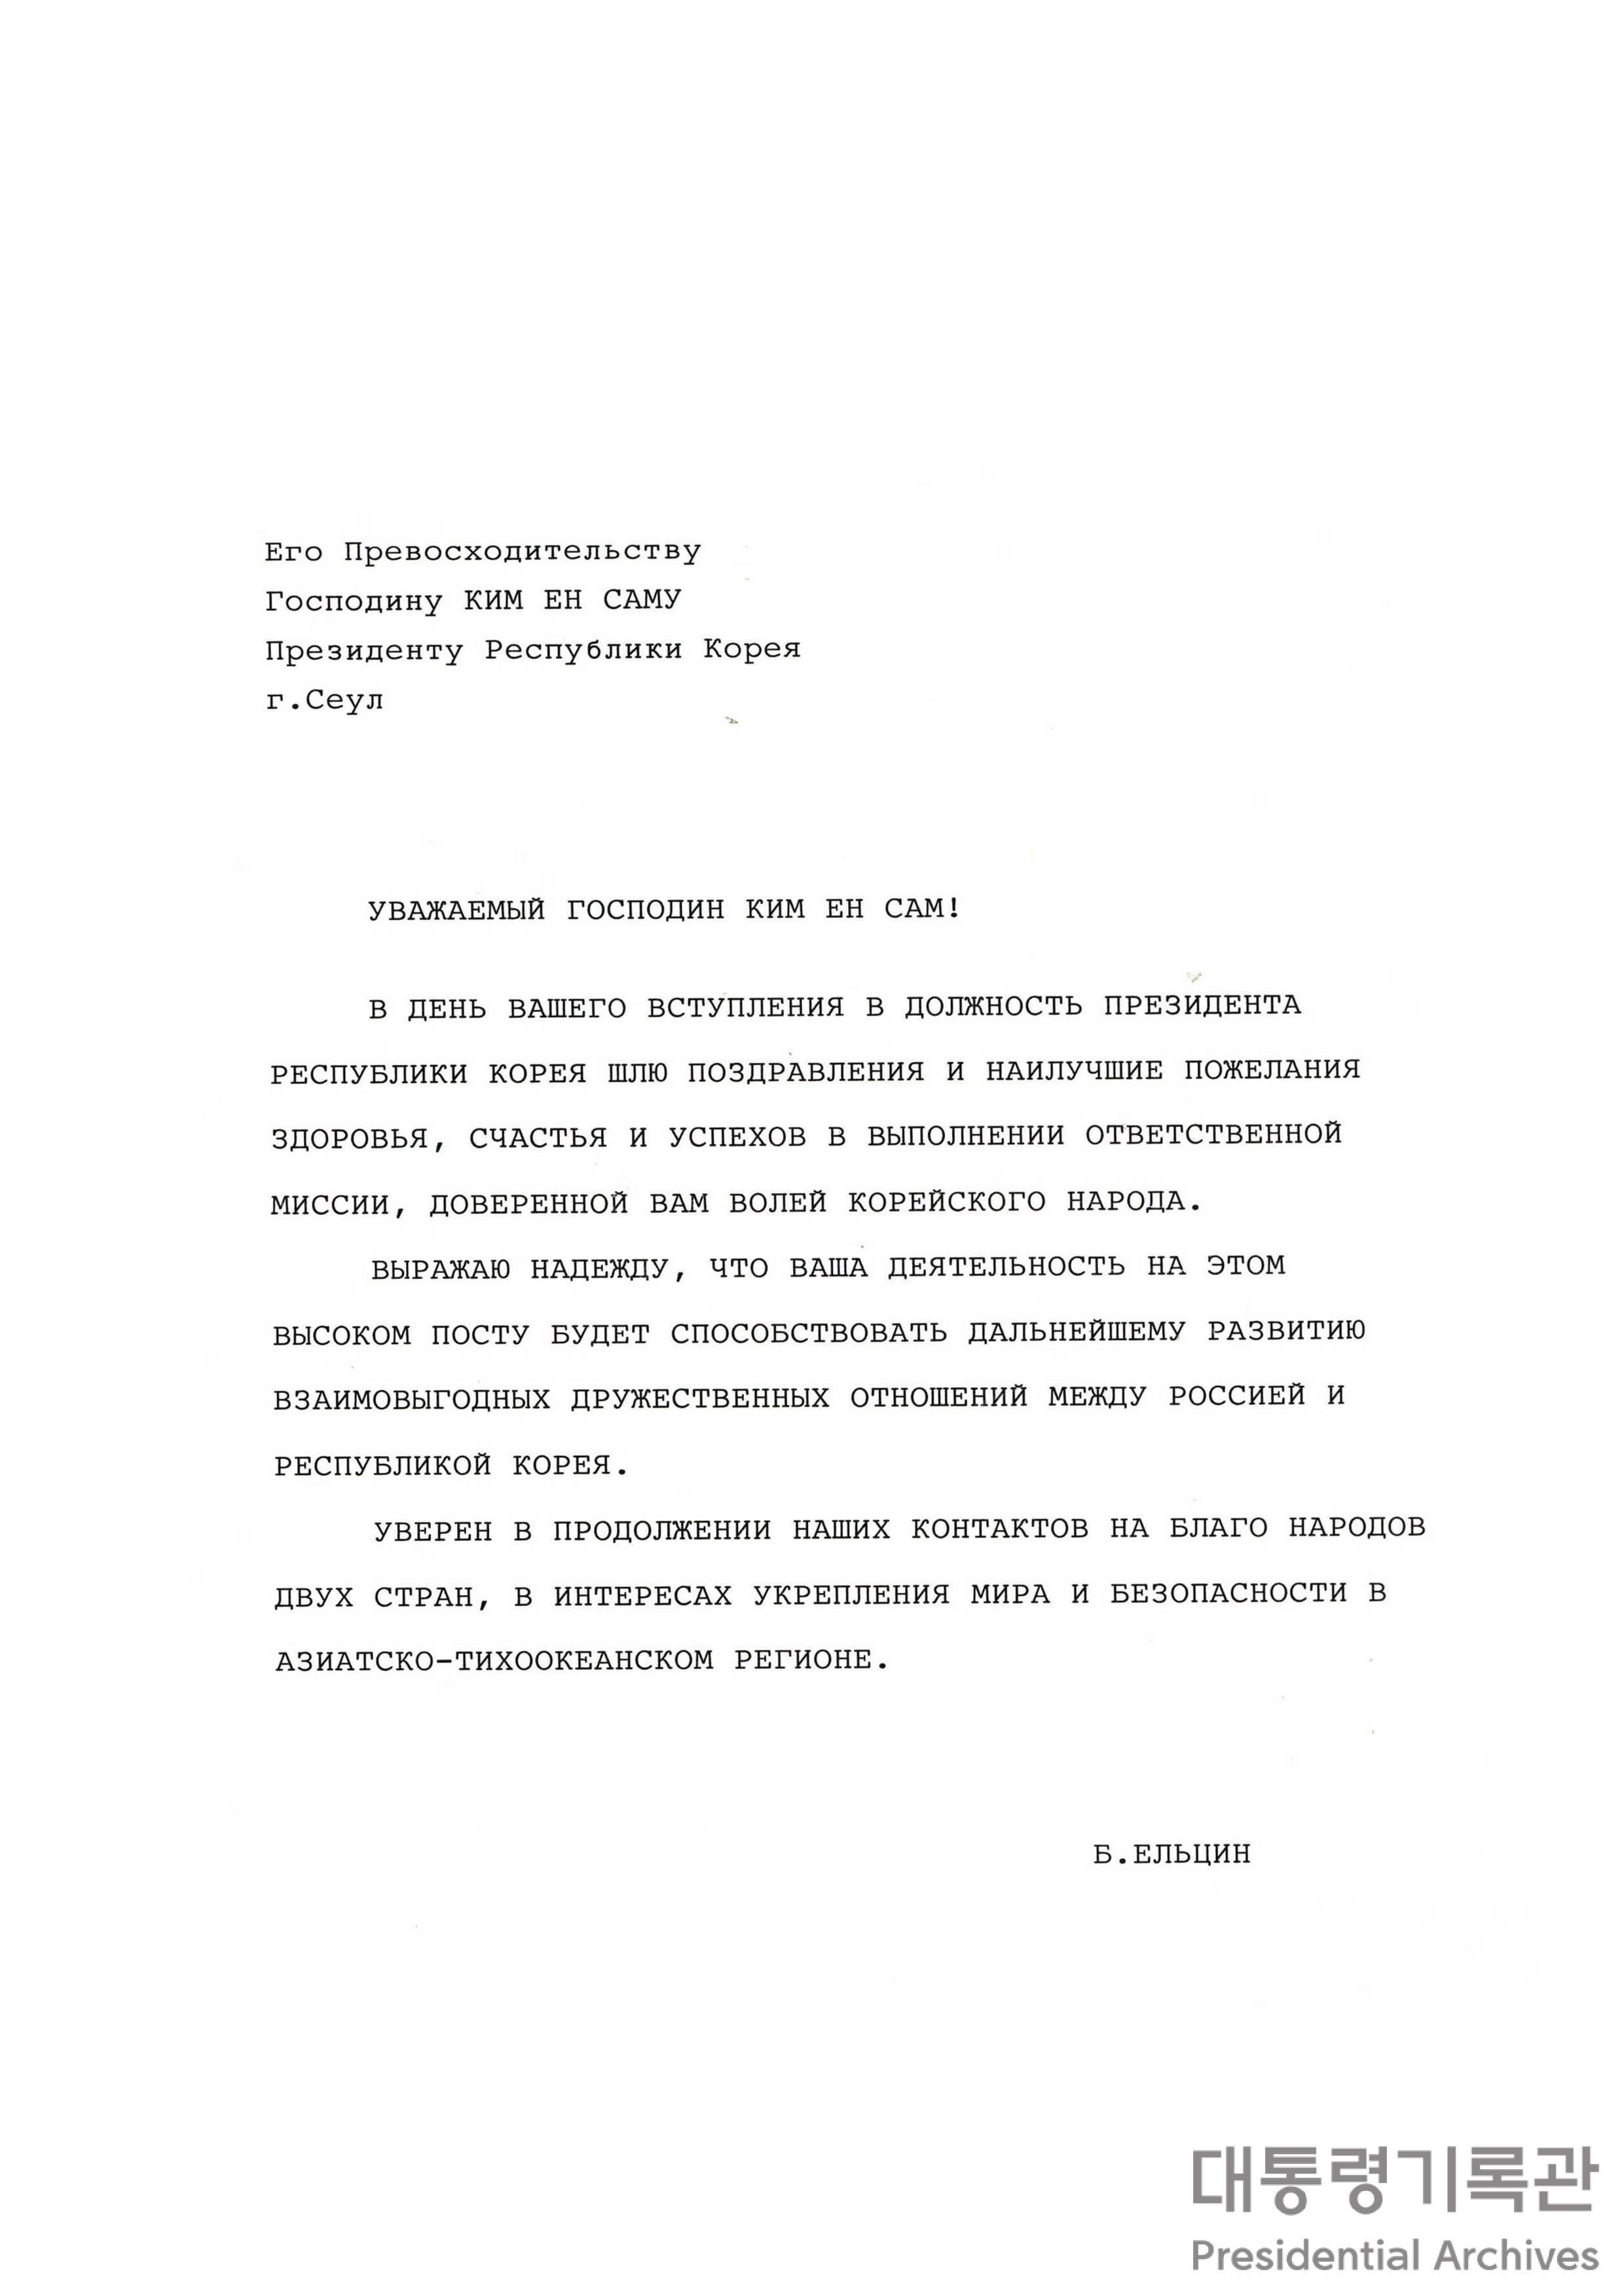 보리스 옐친 러시아 대통령이 김영삼 대통령에 보낸 서한